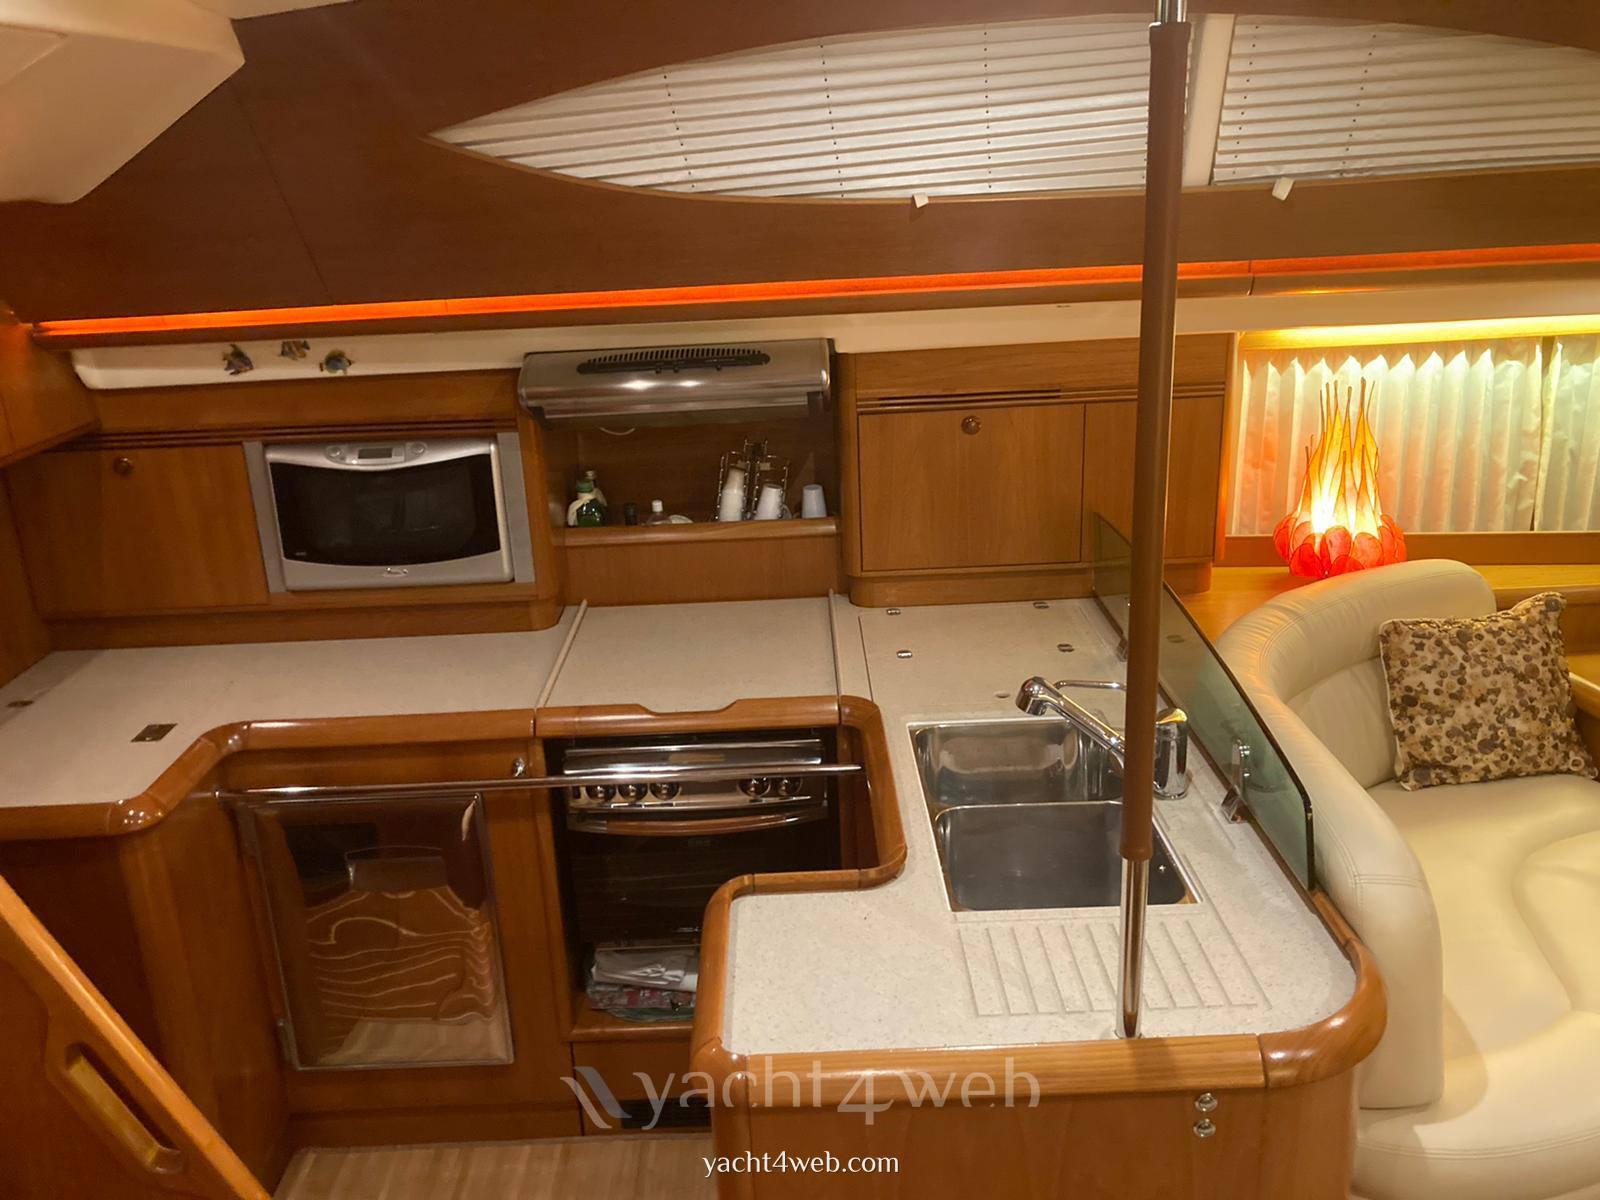 jeanneau Sun odyssey 54 ds Barca a motore usata in vendita